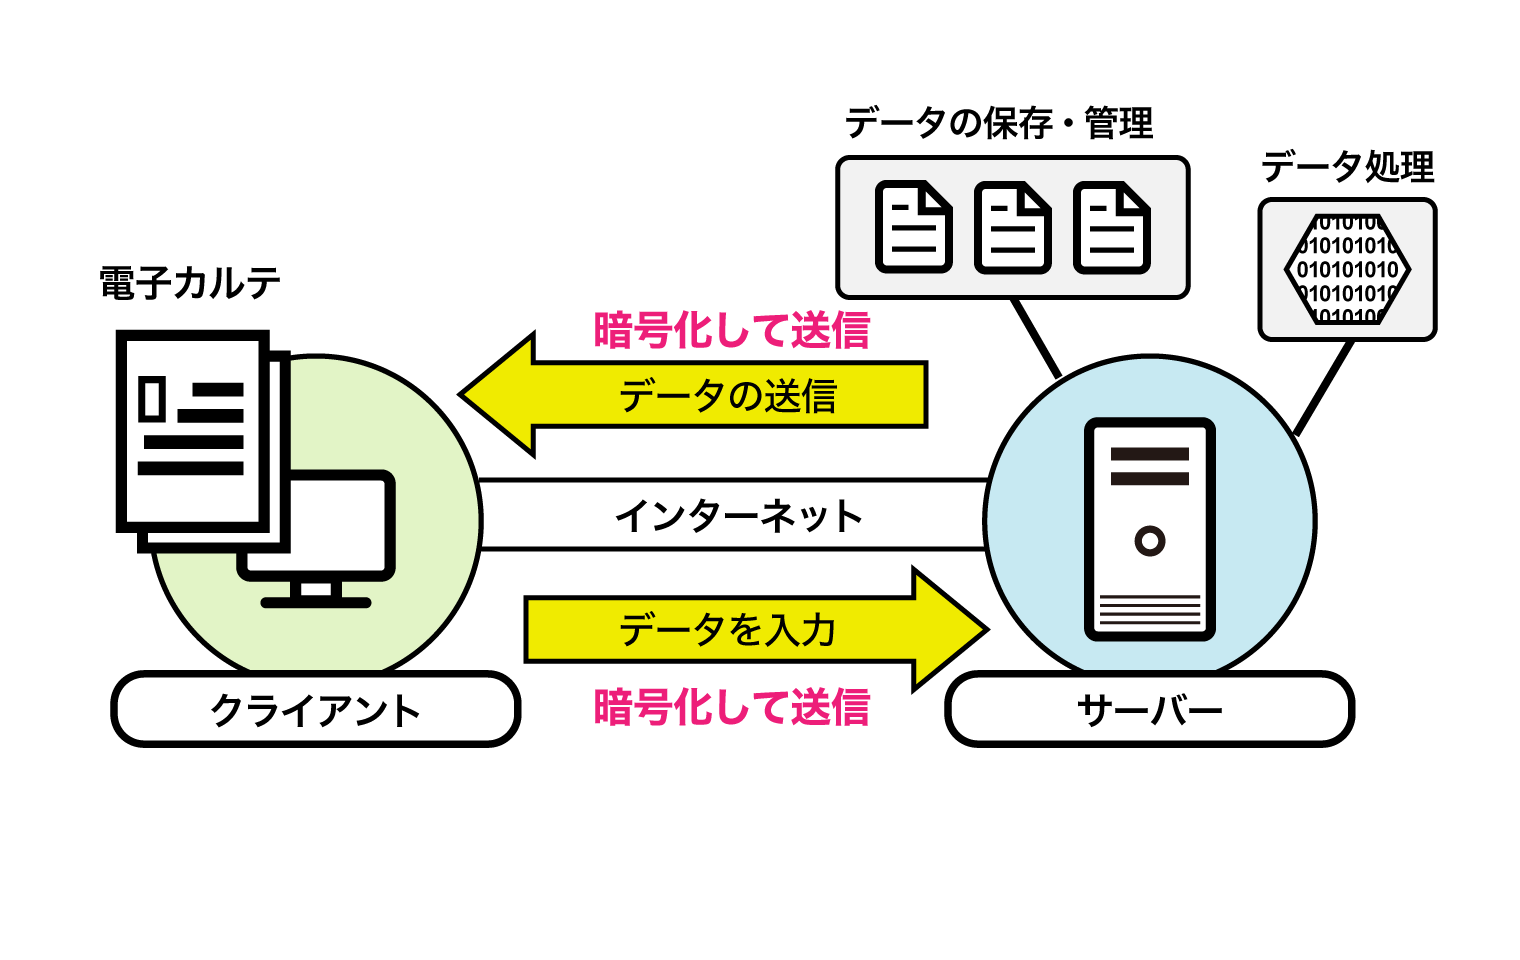 「クラウド型電子カルテの仕組み」説明図